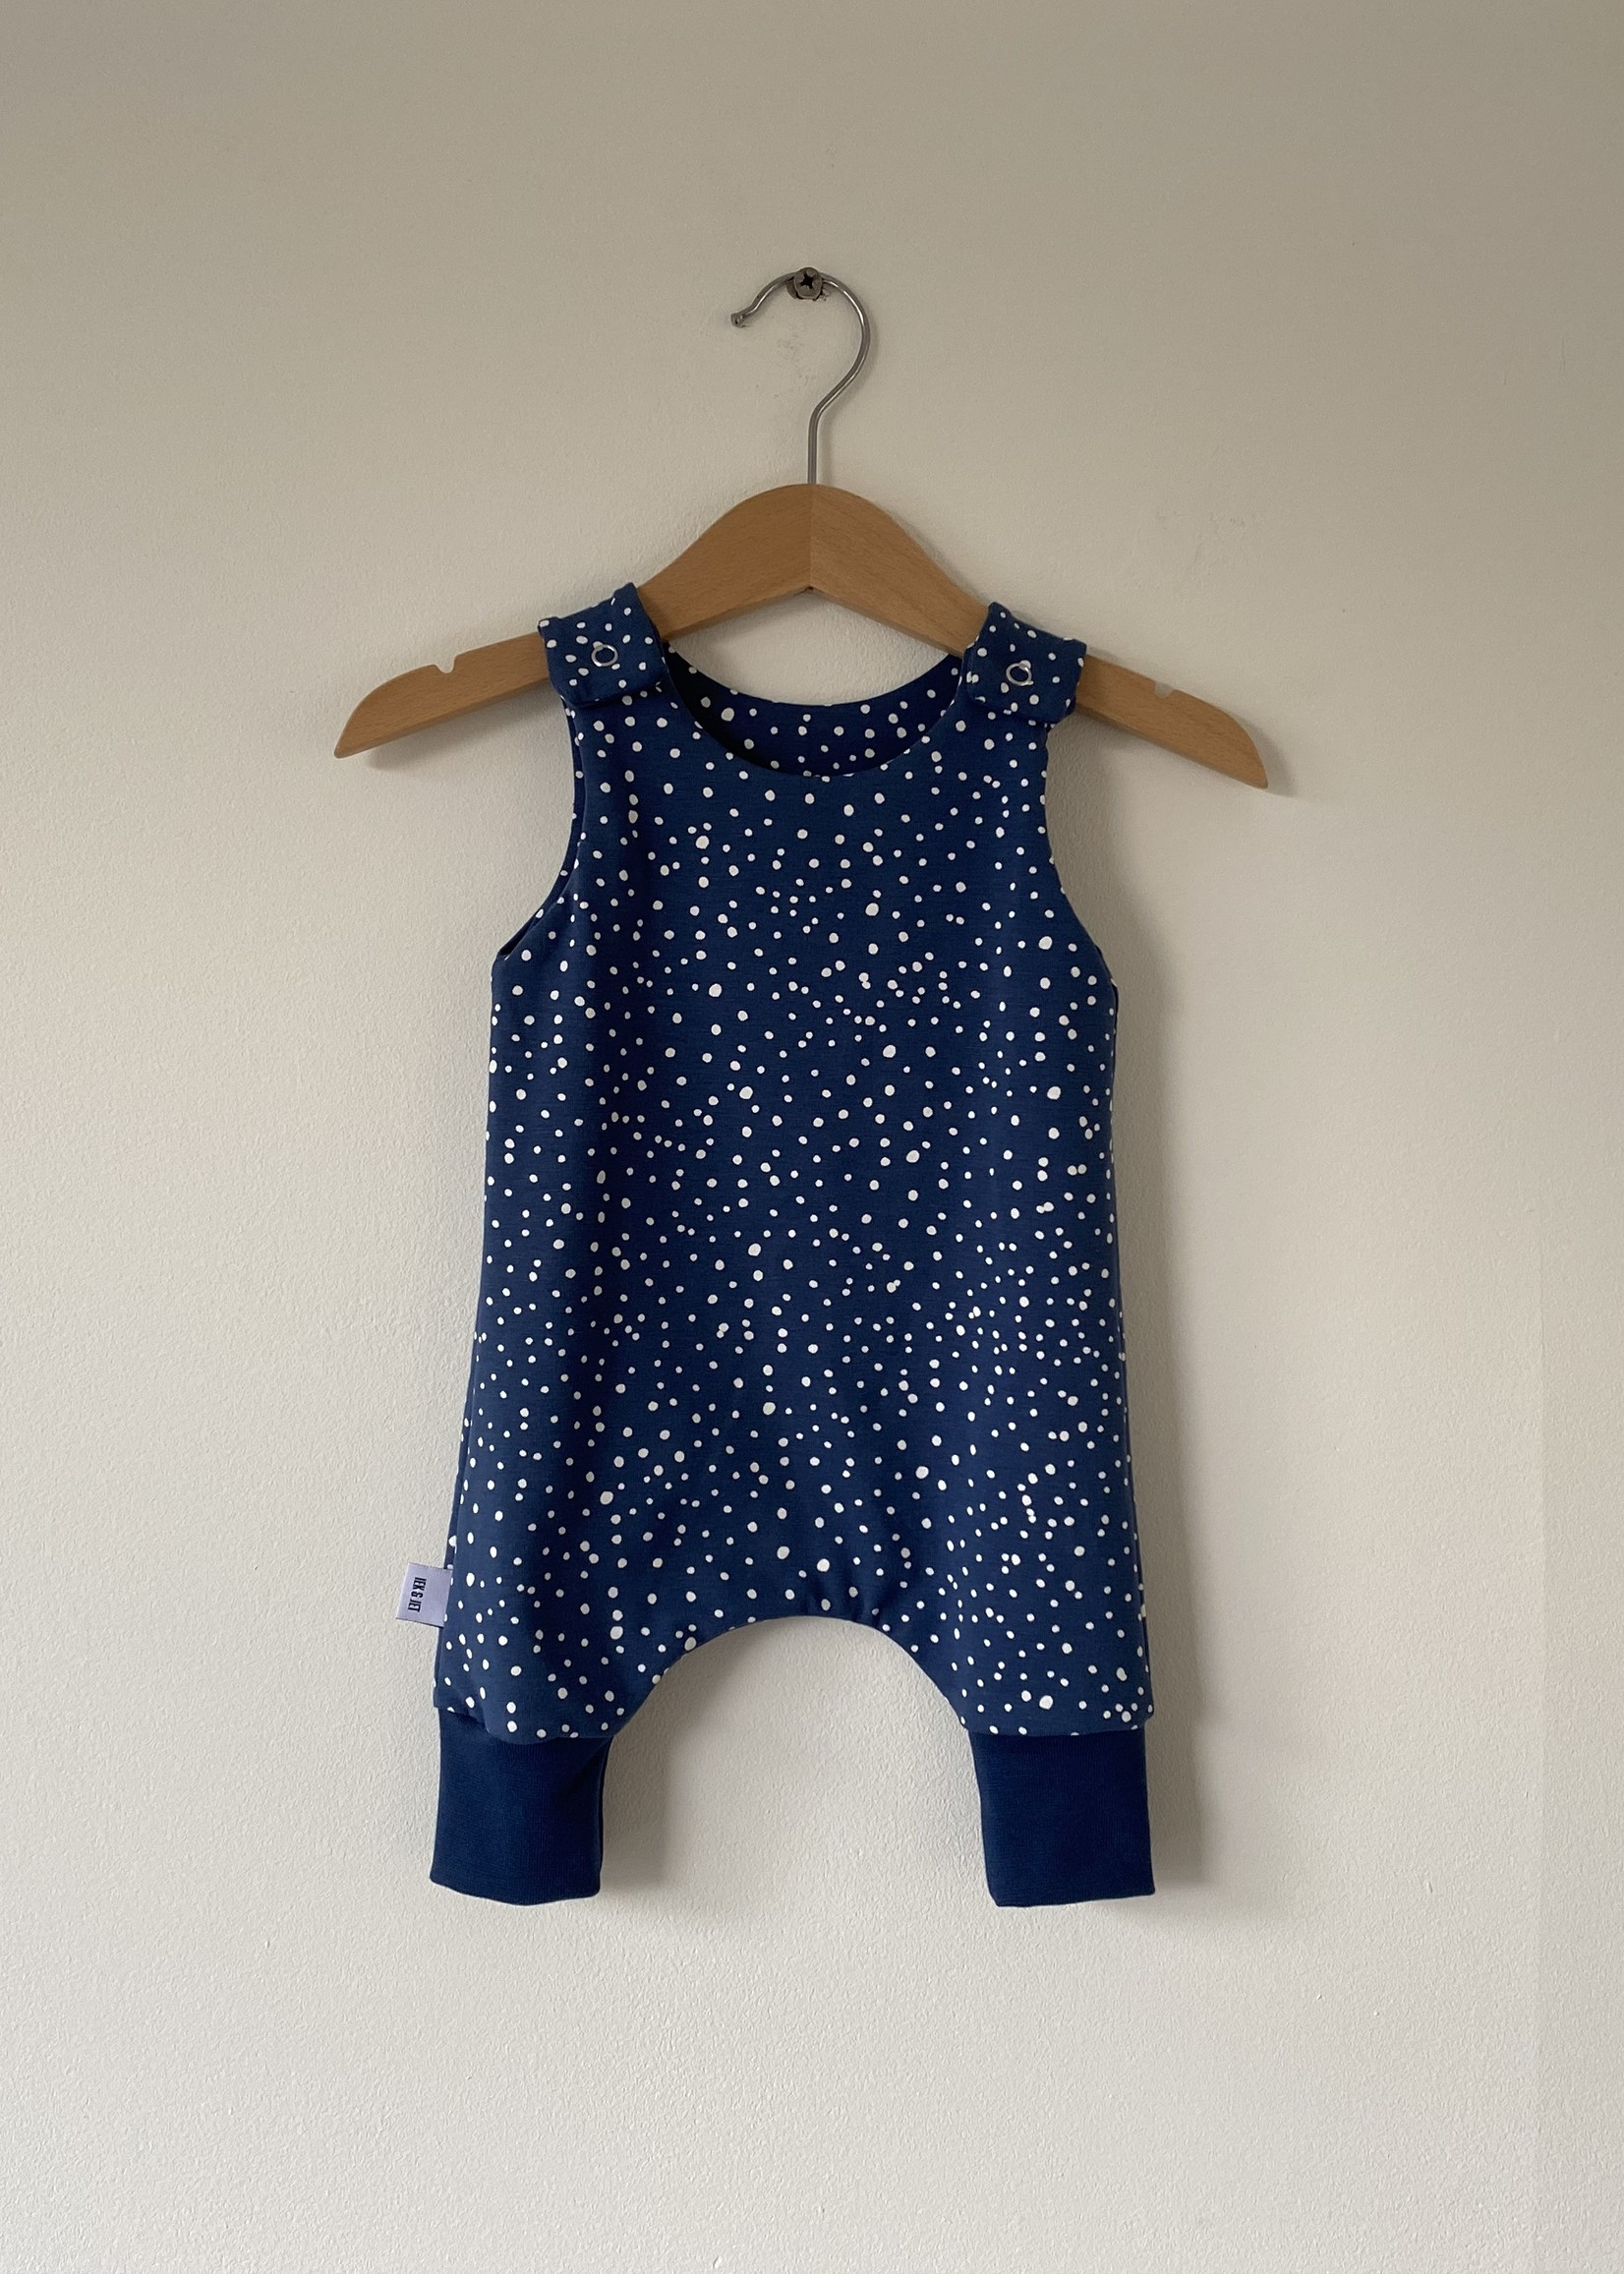 Jumpsuit Bobbi - blauw met witte stippen